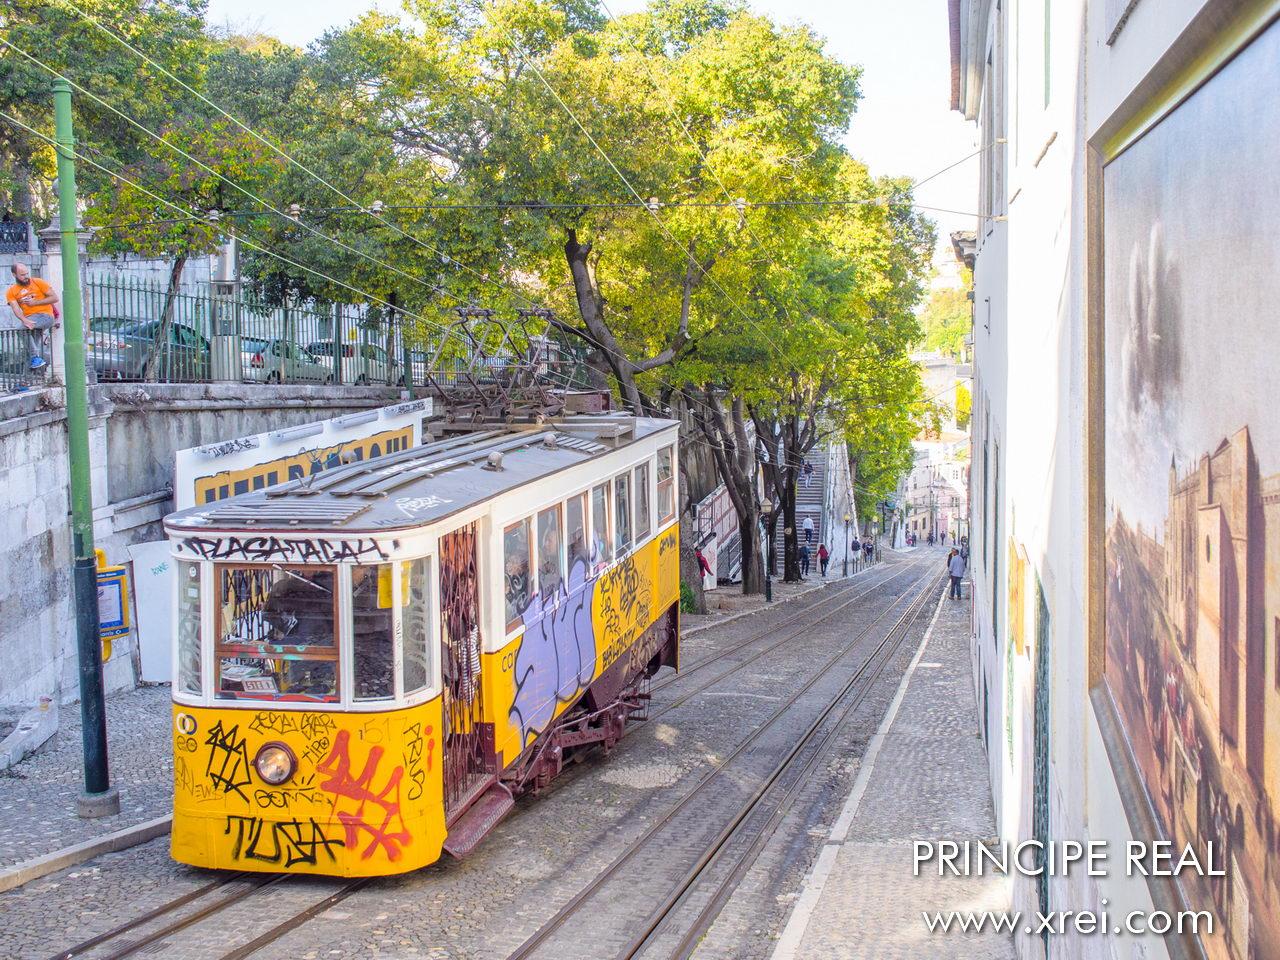 Elevador da Glória é um bonde que faz o percurso inclinado entre a Avenida da Liberdade e a entrada do Princípe Real e Bairro Alto. É um dos vários elevadores tradicionais ainda em atividade na cidade de Lisboa